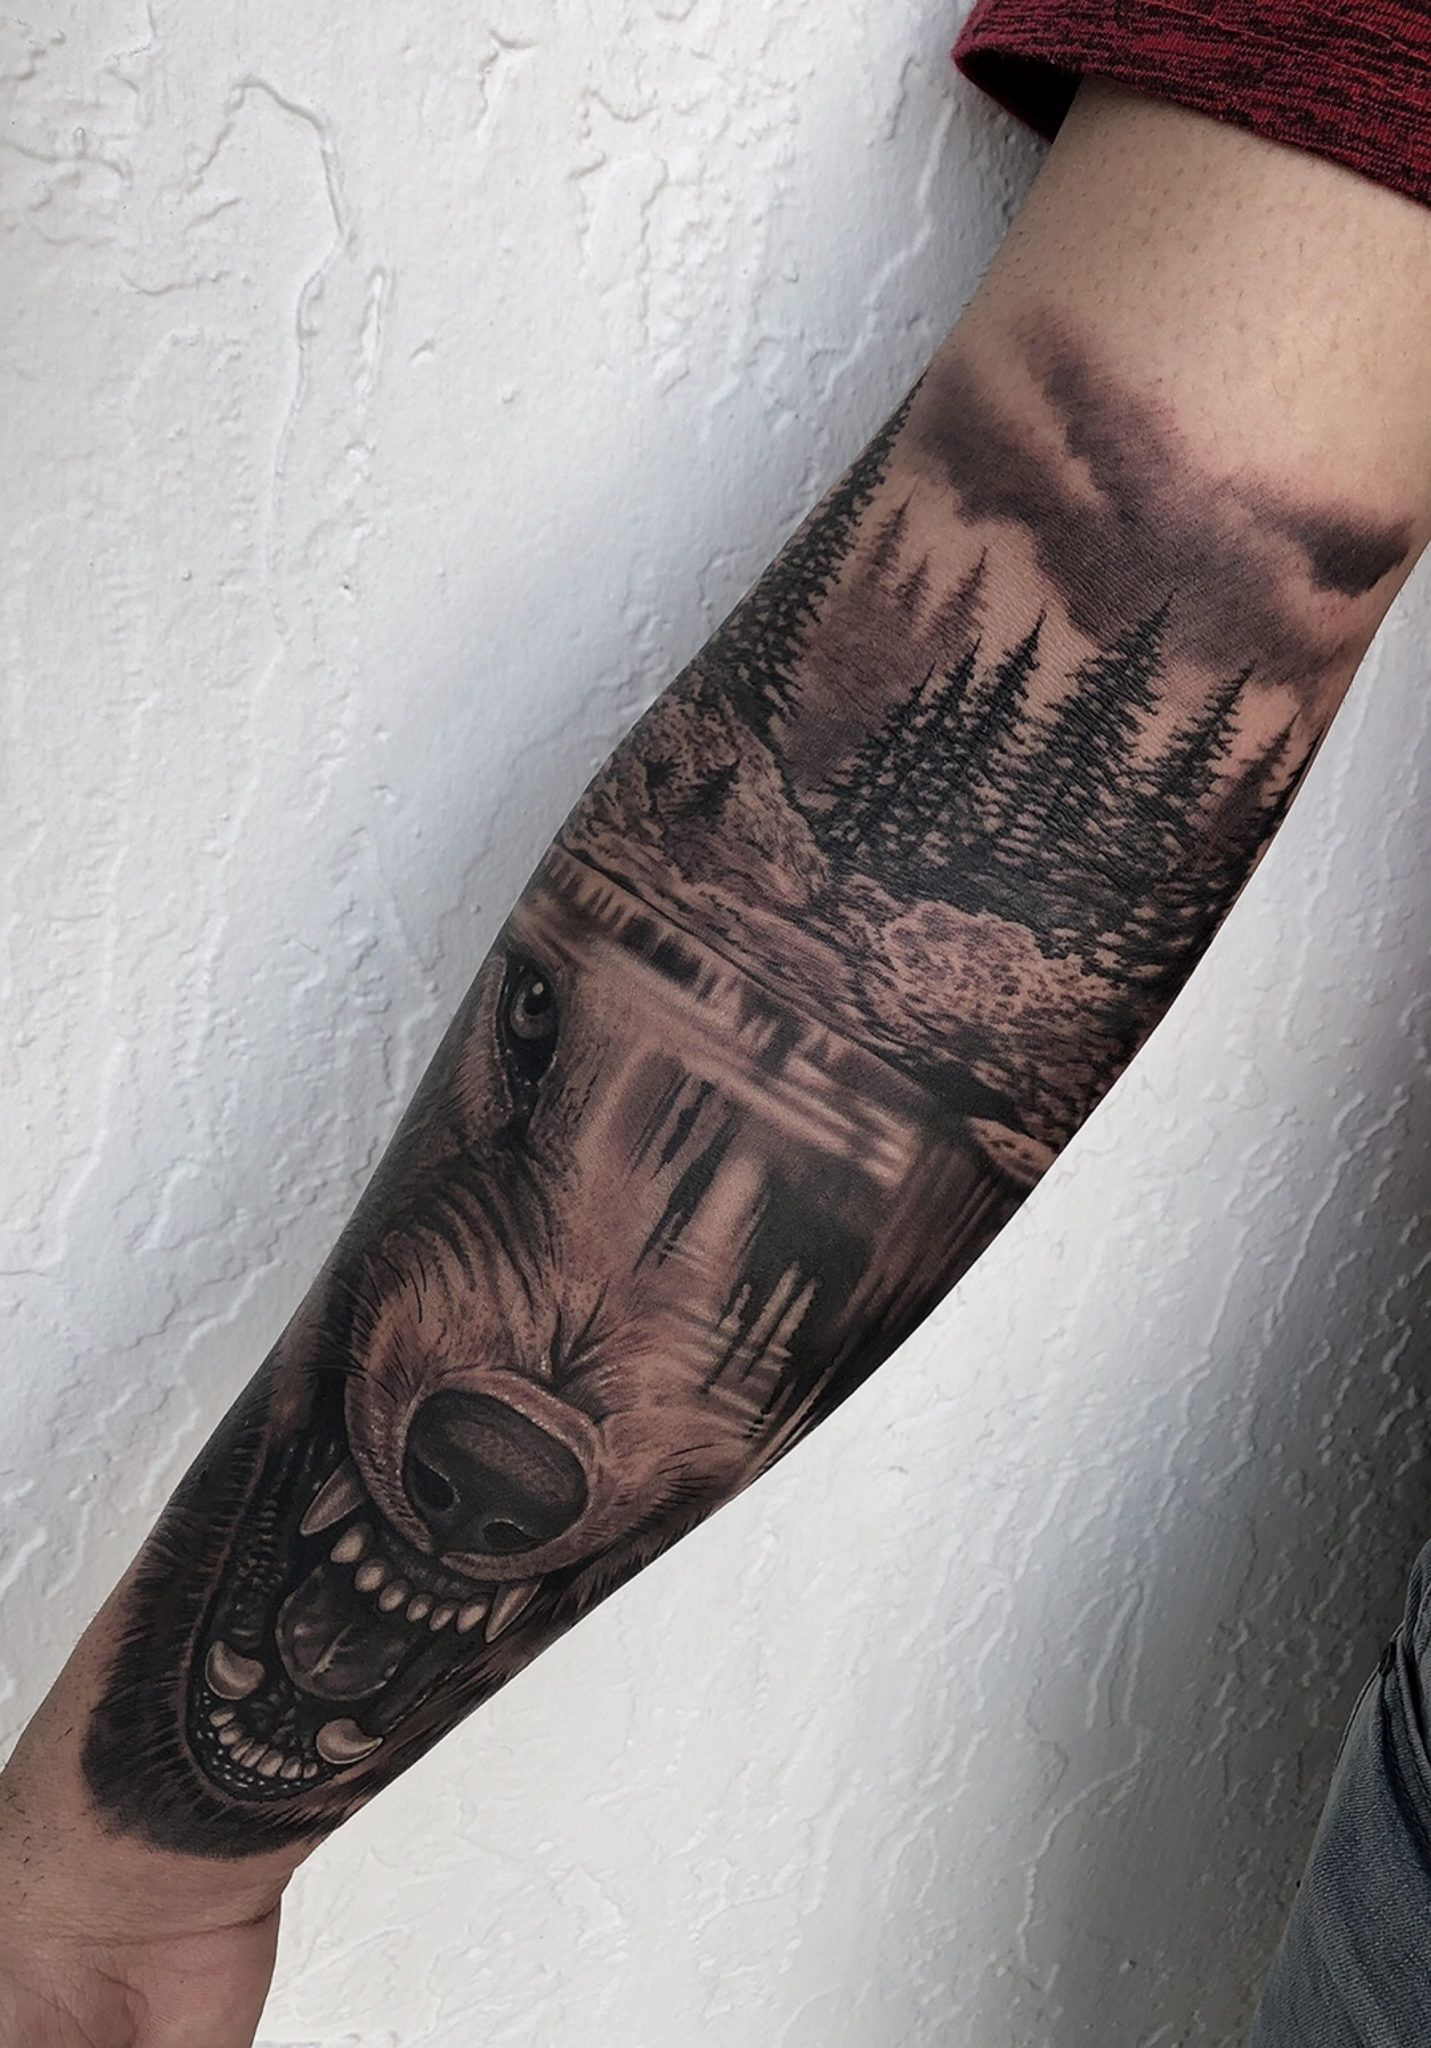 Nc Tattoo Ideas : tattoo, ideas, Portfolio, Zuniga, Tattoo, Literary, Tattoos,